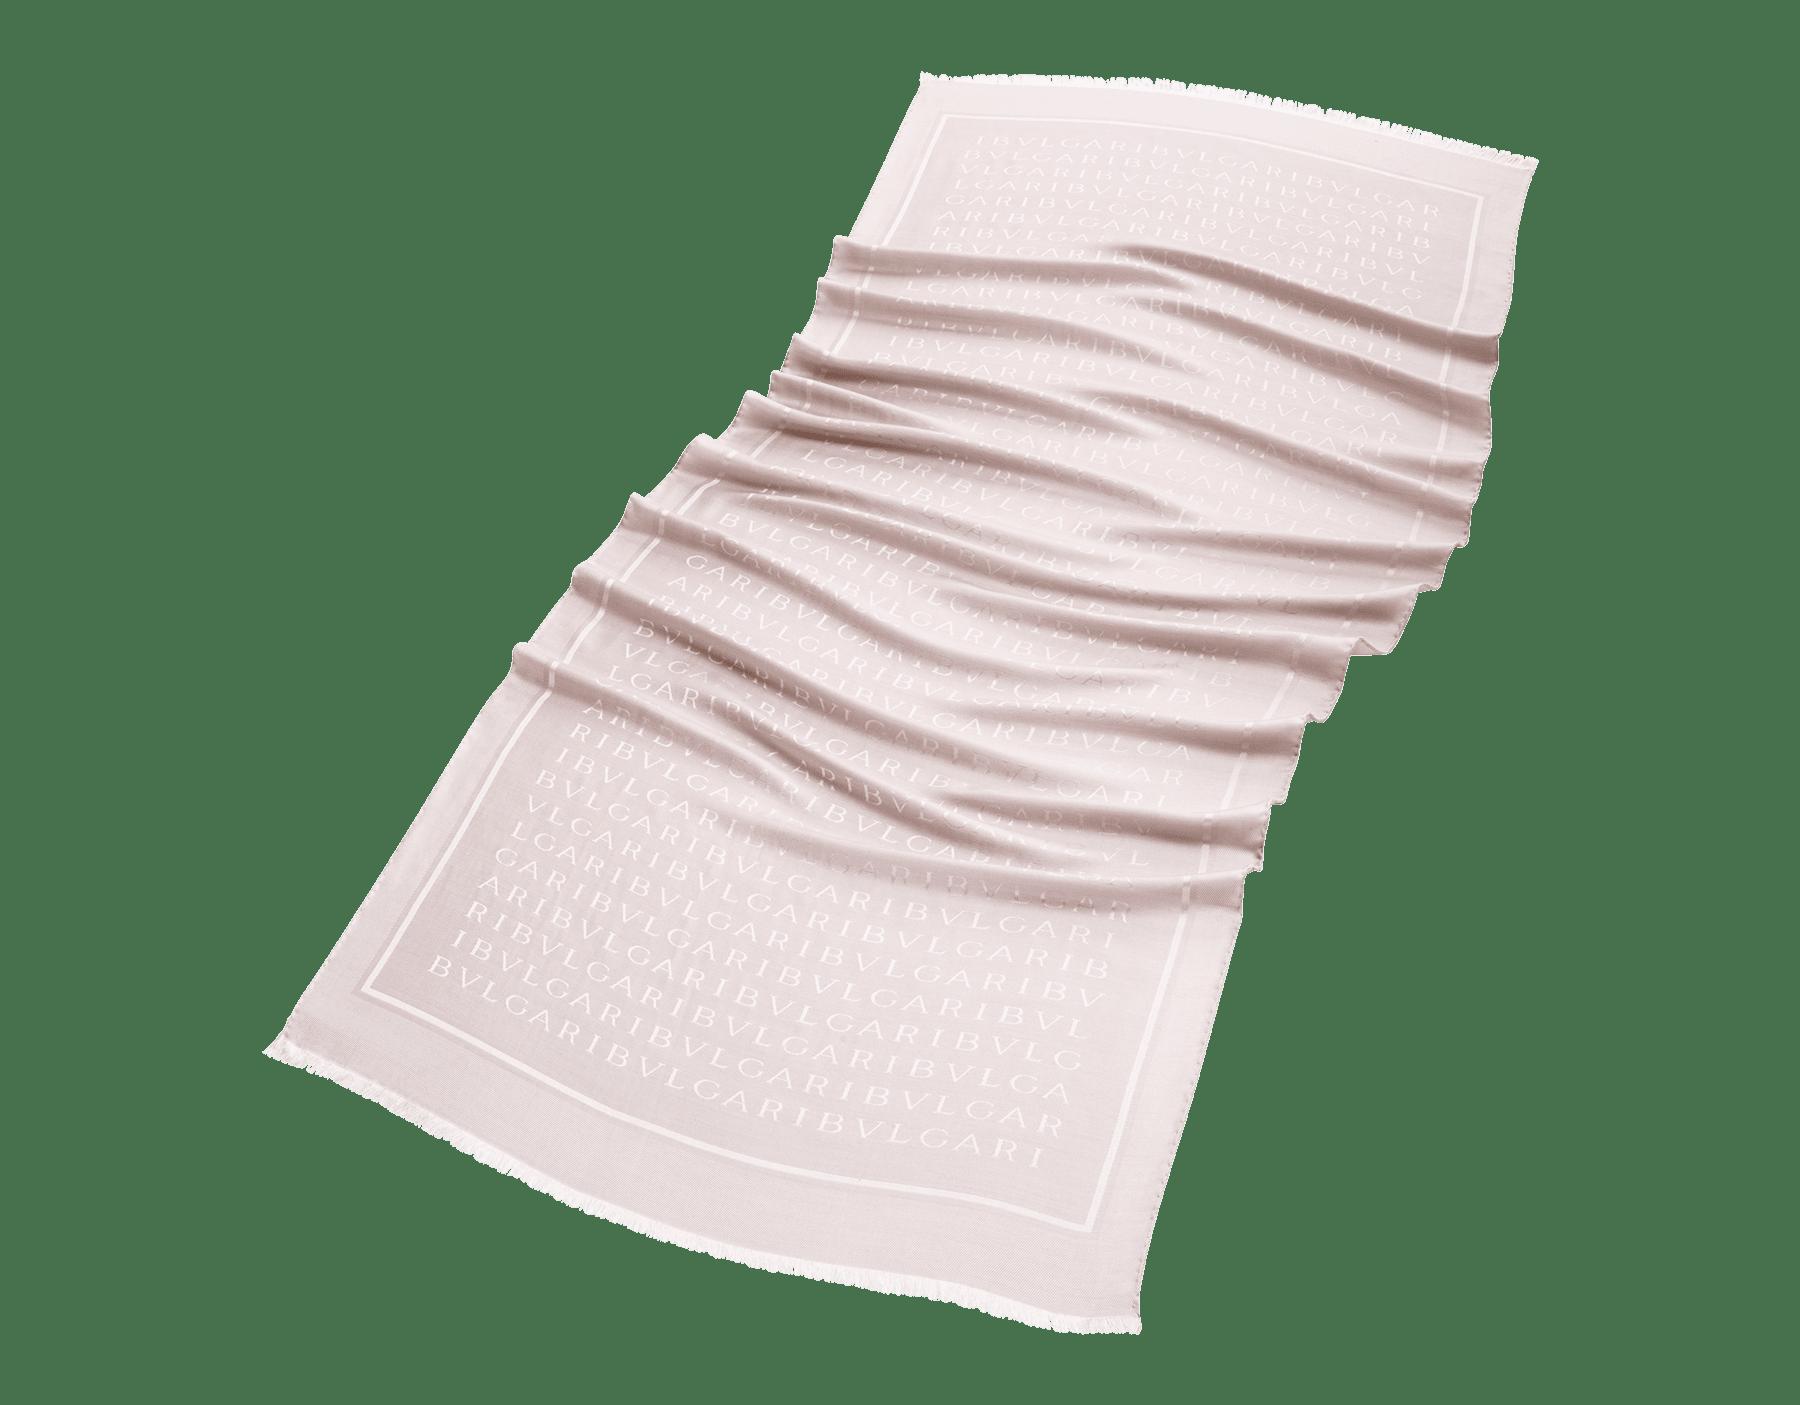 Stola Lettere Maxi color perla in pregiato tessuto di seta e lana. 244069 image 2